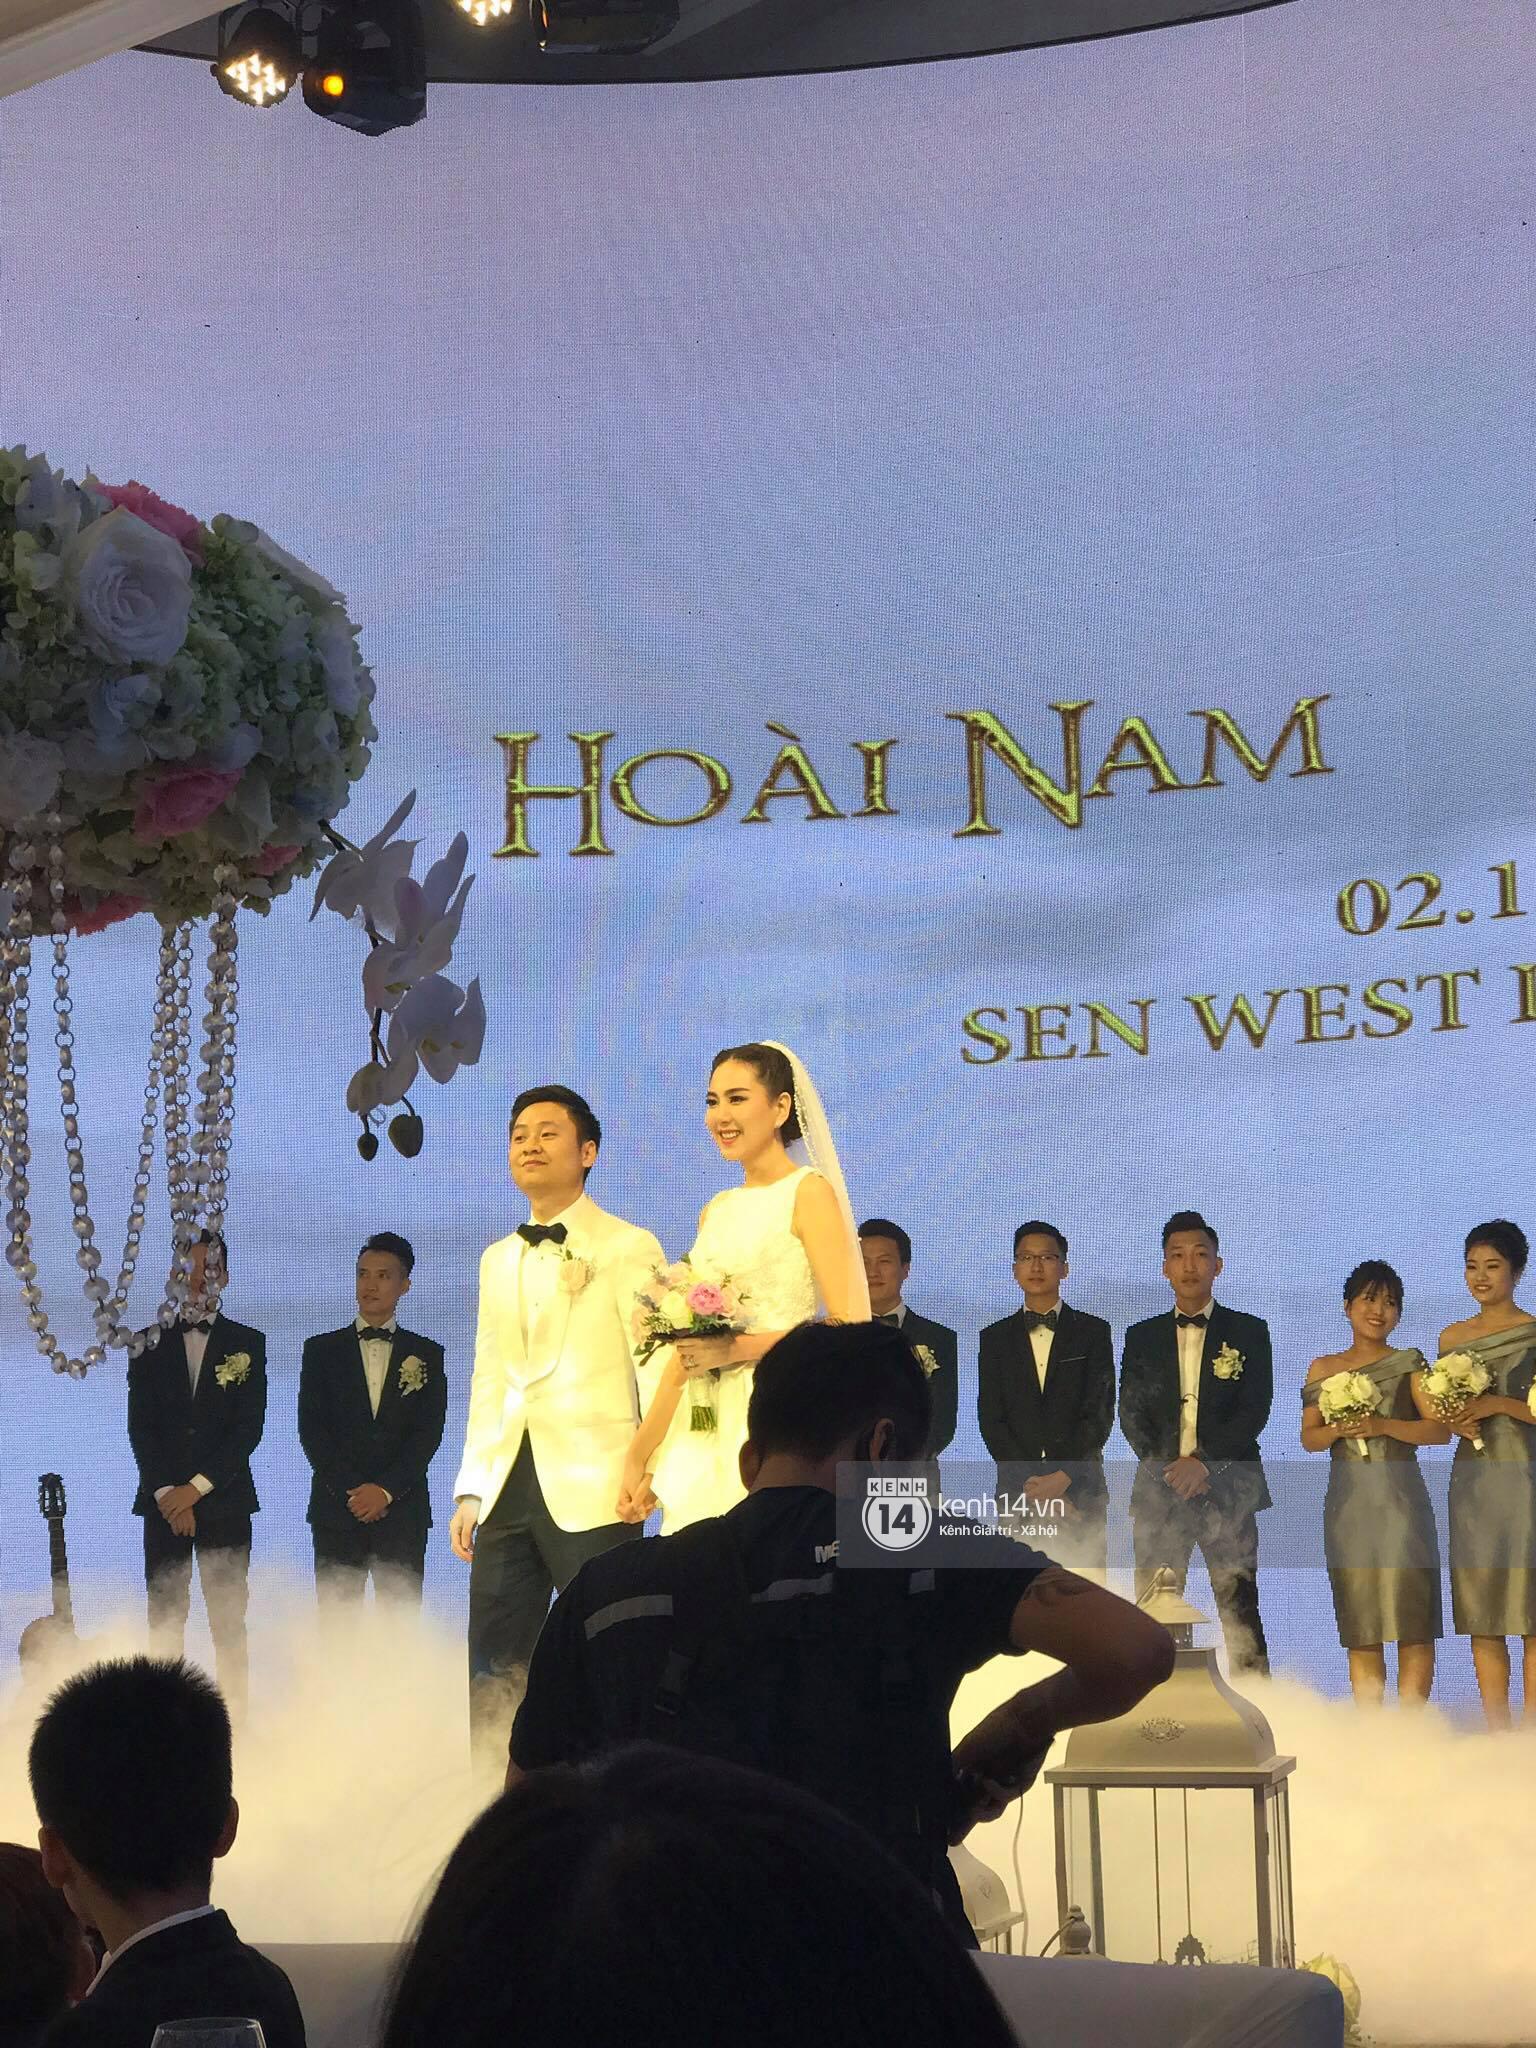 Đám cưới MC Mai Ngọc: Không gian lộng lẫy, cầu kỳ, xứng đáng là đám cưới sang chảnh nhất Hà Nội hôm nay - Ảnh 18.